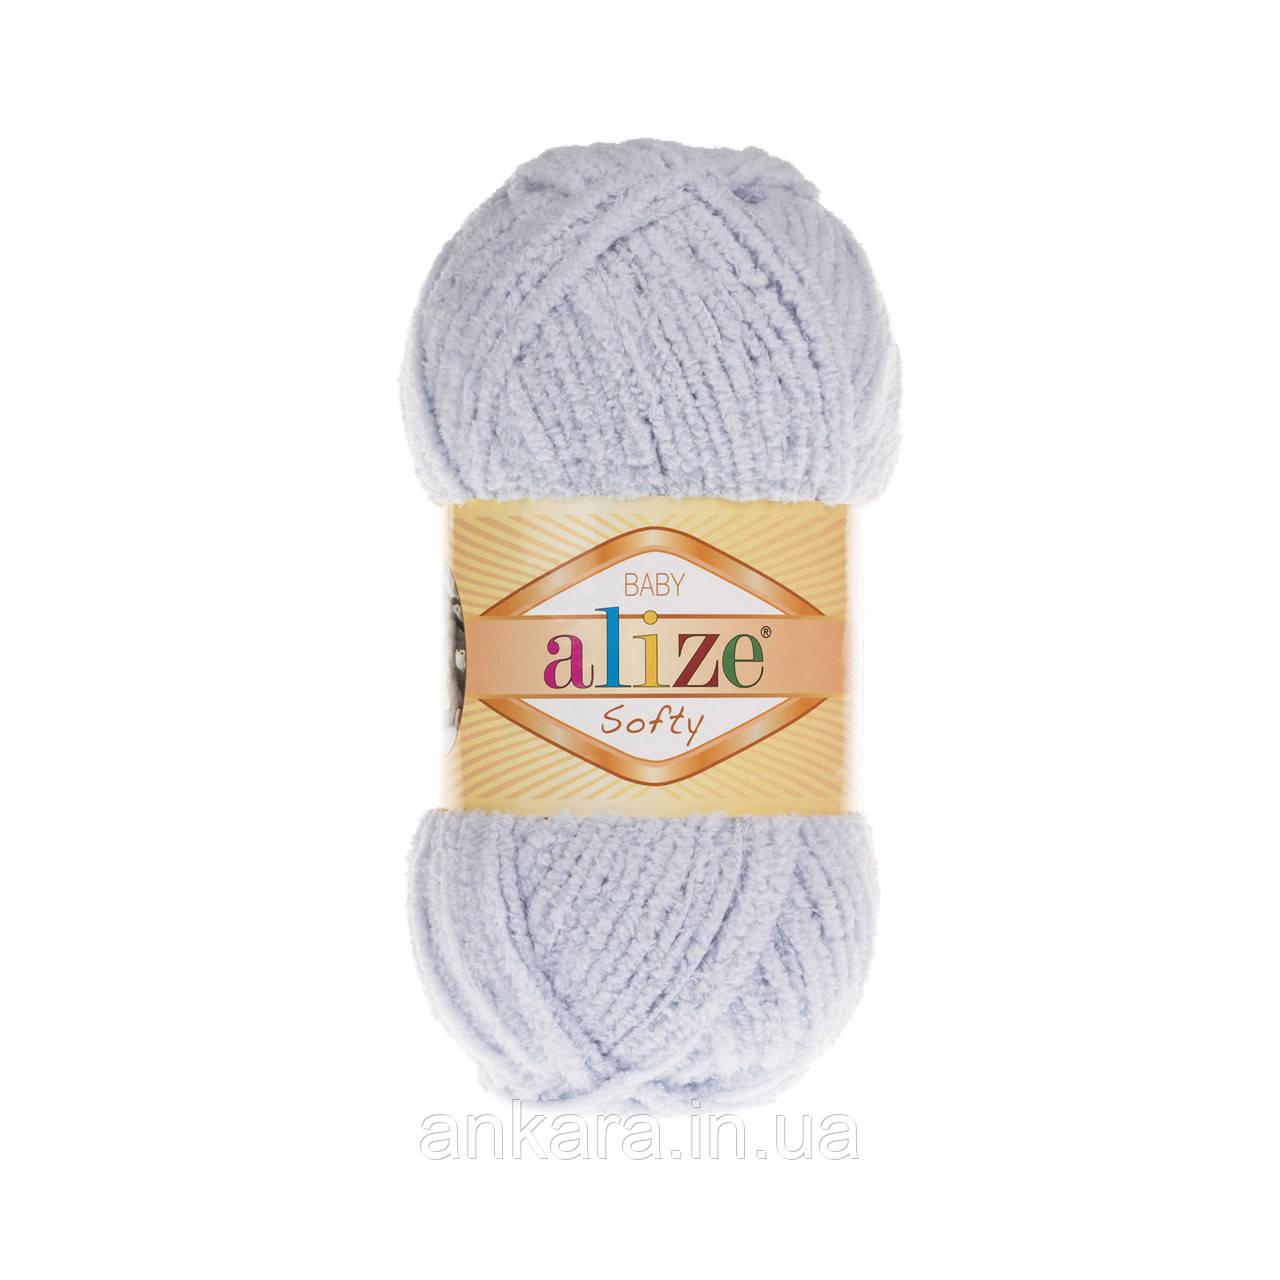 Пряжа Alize Softy 416